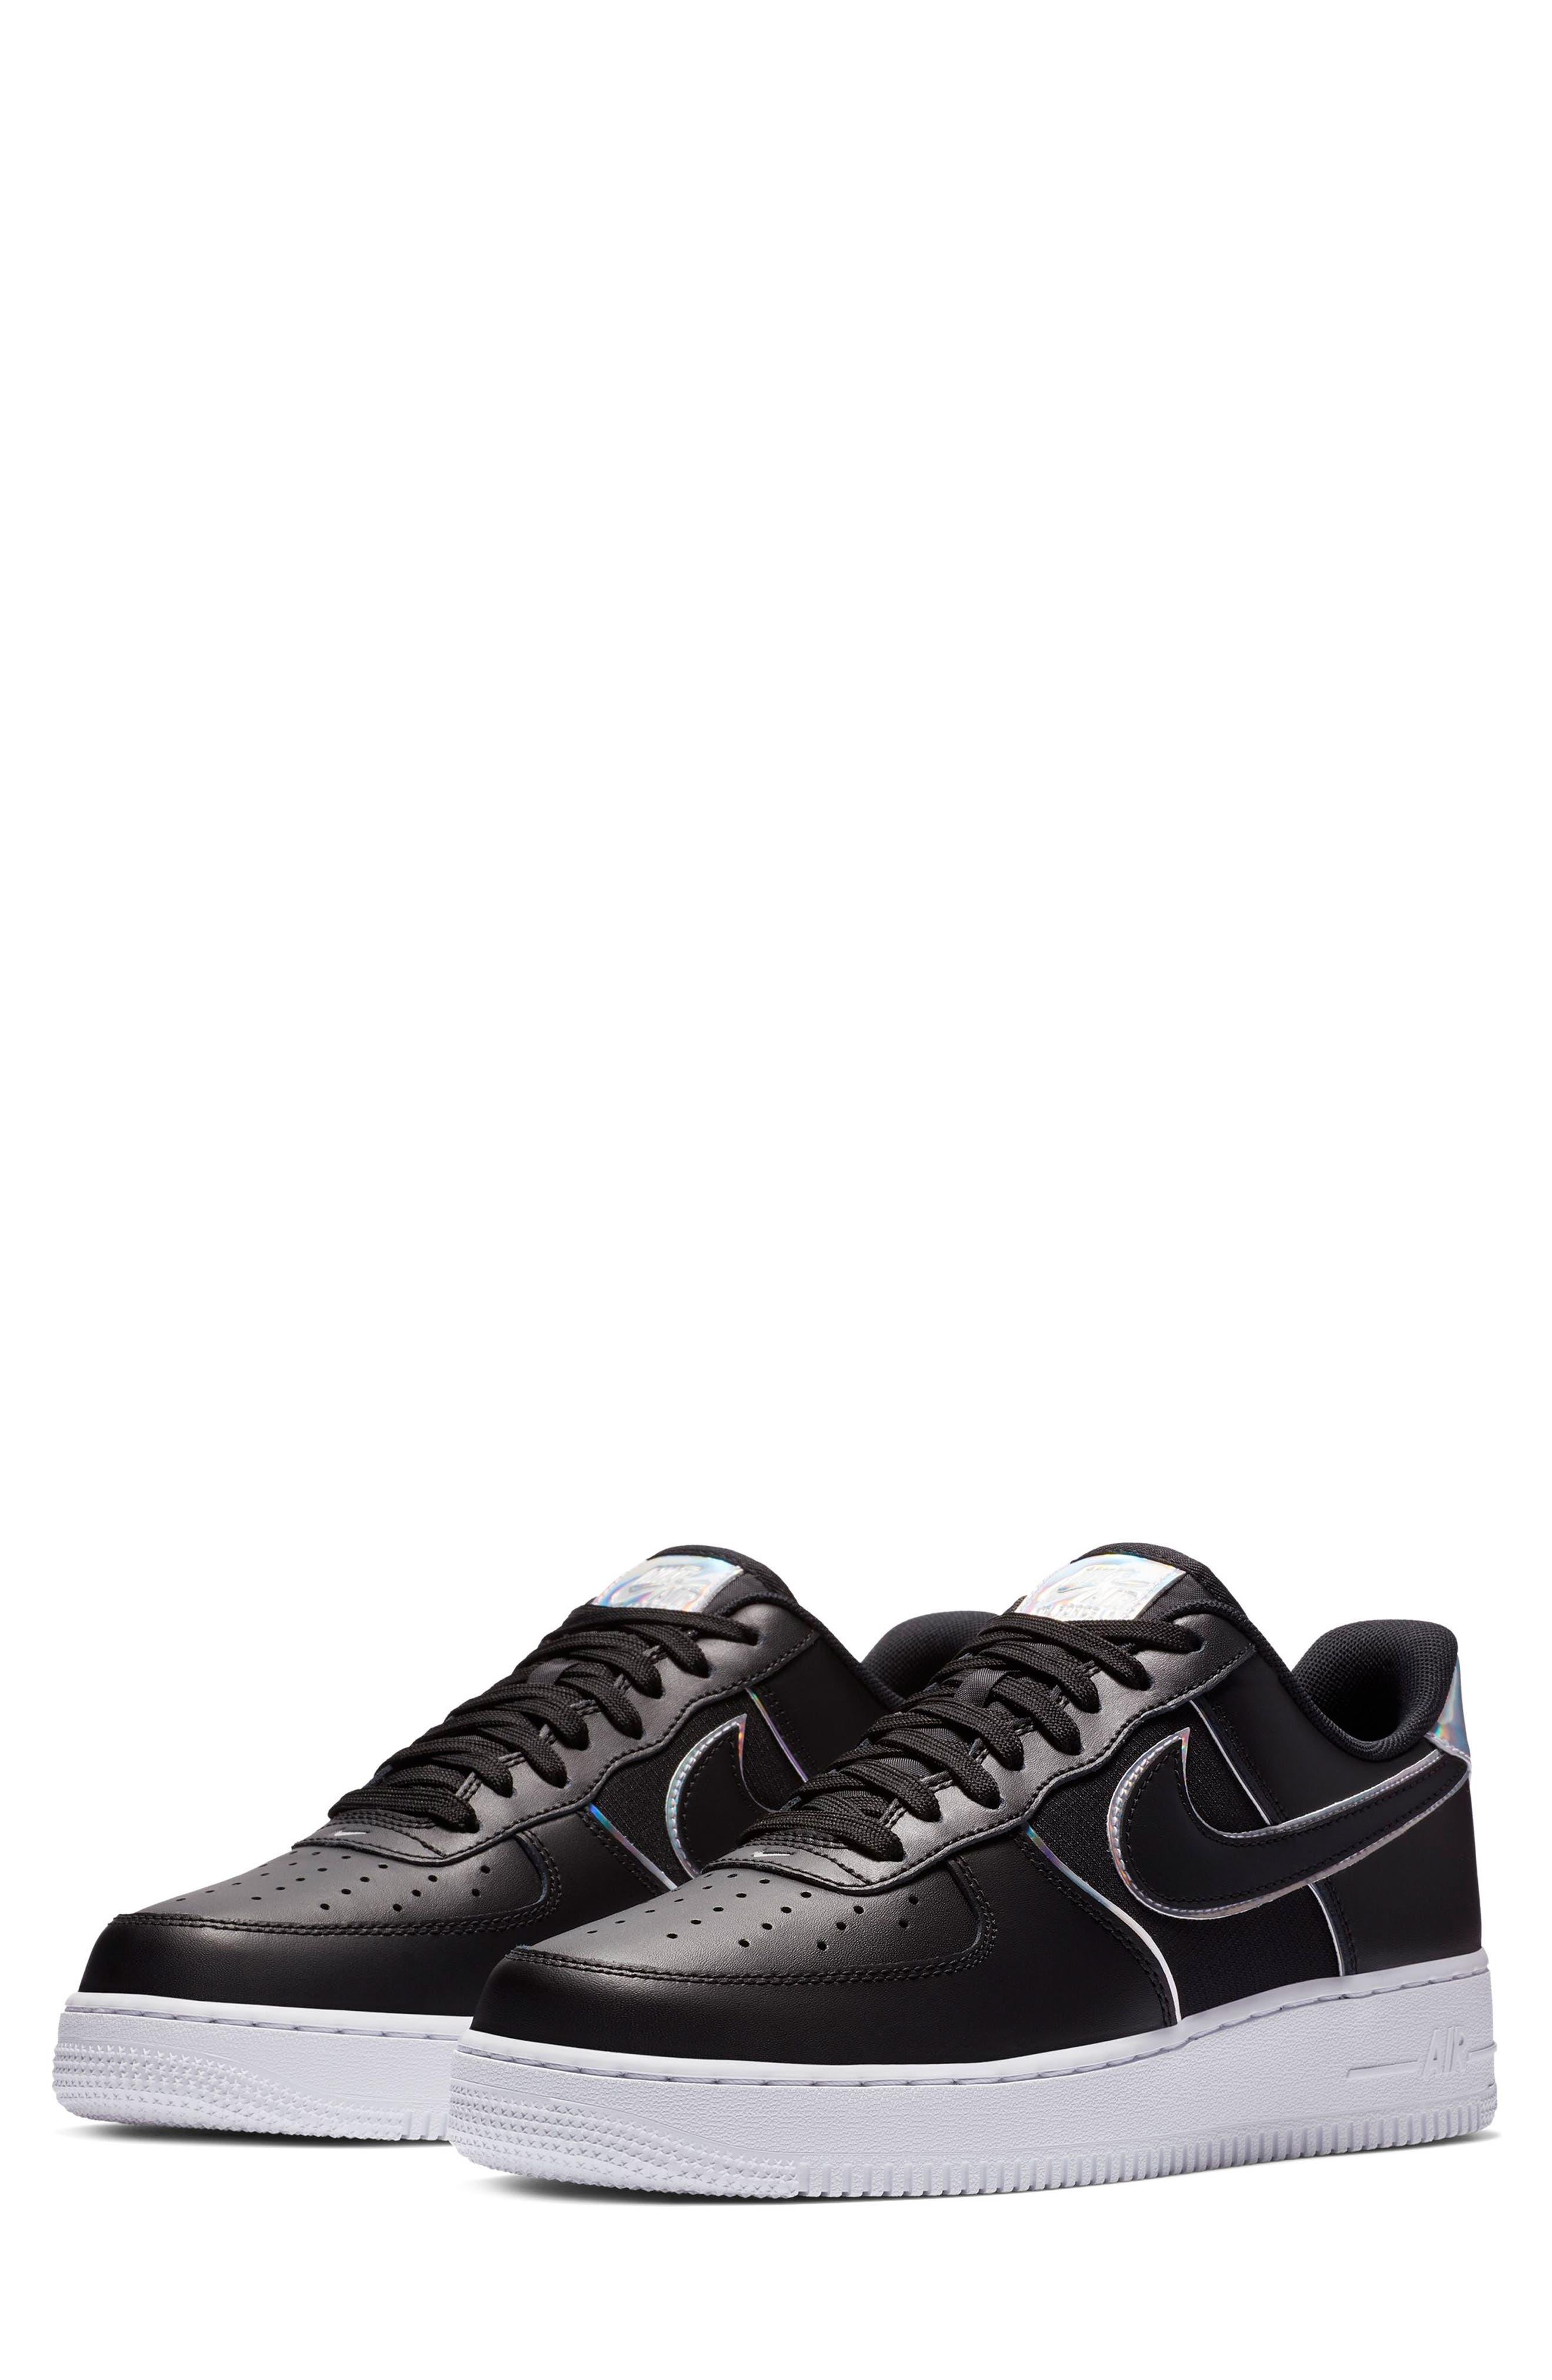 NIKE Air Force 1 '07 LV8 4 Sneaker, Main, color, 001